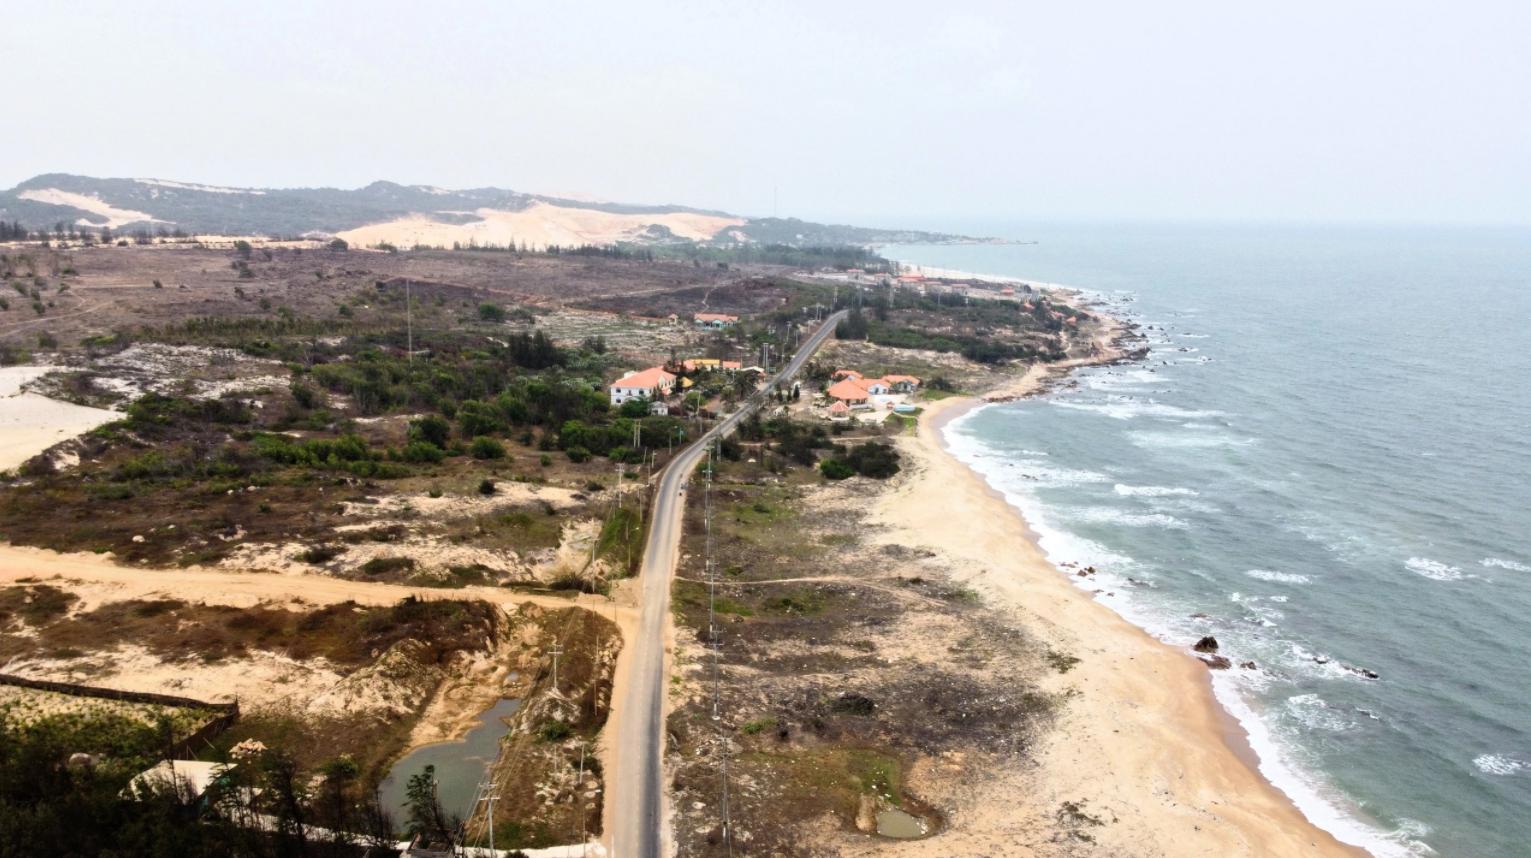 Loạt dự án hạ tầng giao thông phát triển, tạo lực đẩy cho tiềm năng du lịch tỉnh Bình Thuận - Ảnh 6.